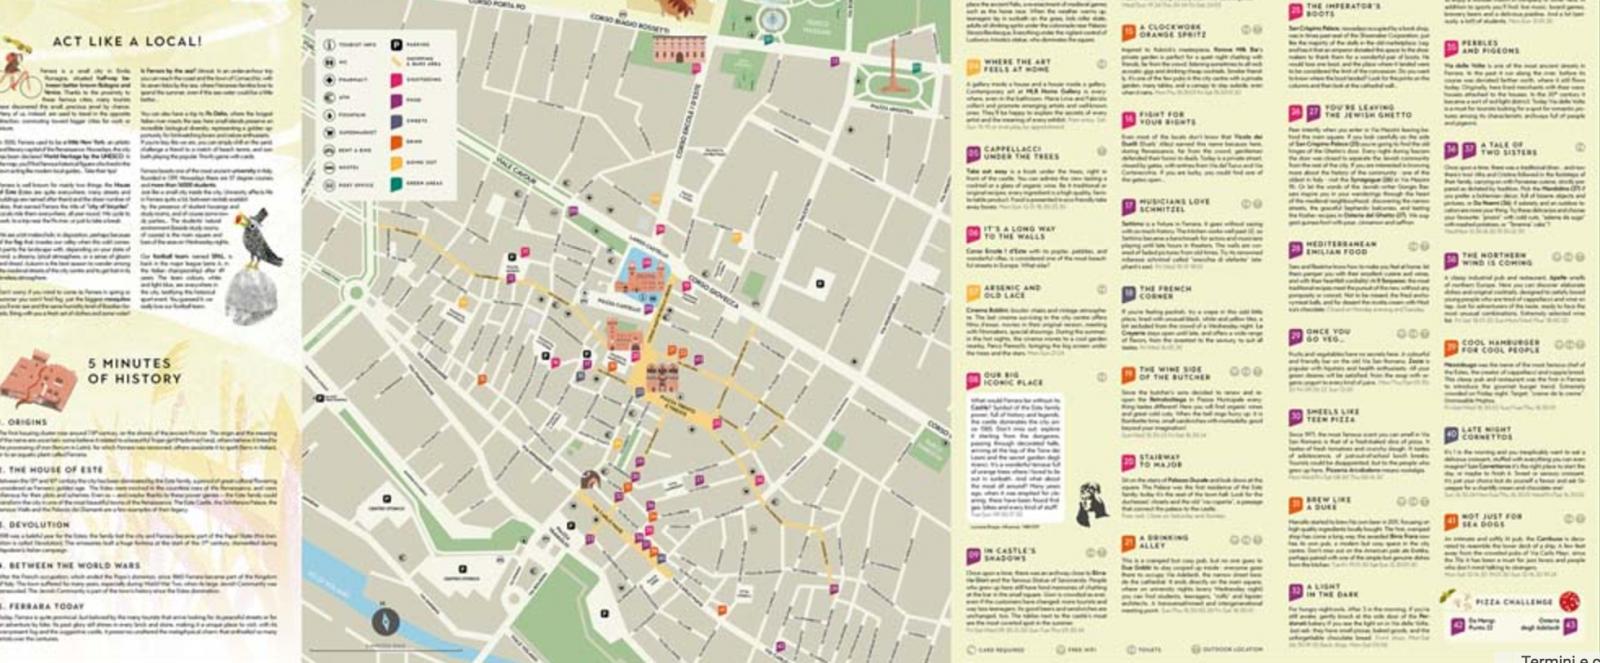 USE-IT Ferrara, un modo nuovo per scoprire la città